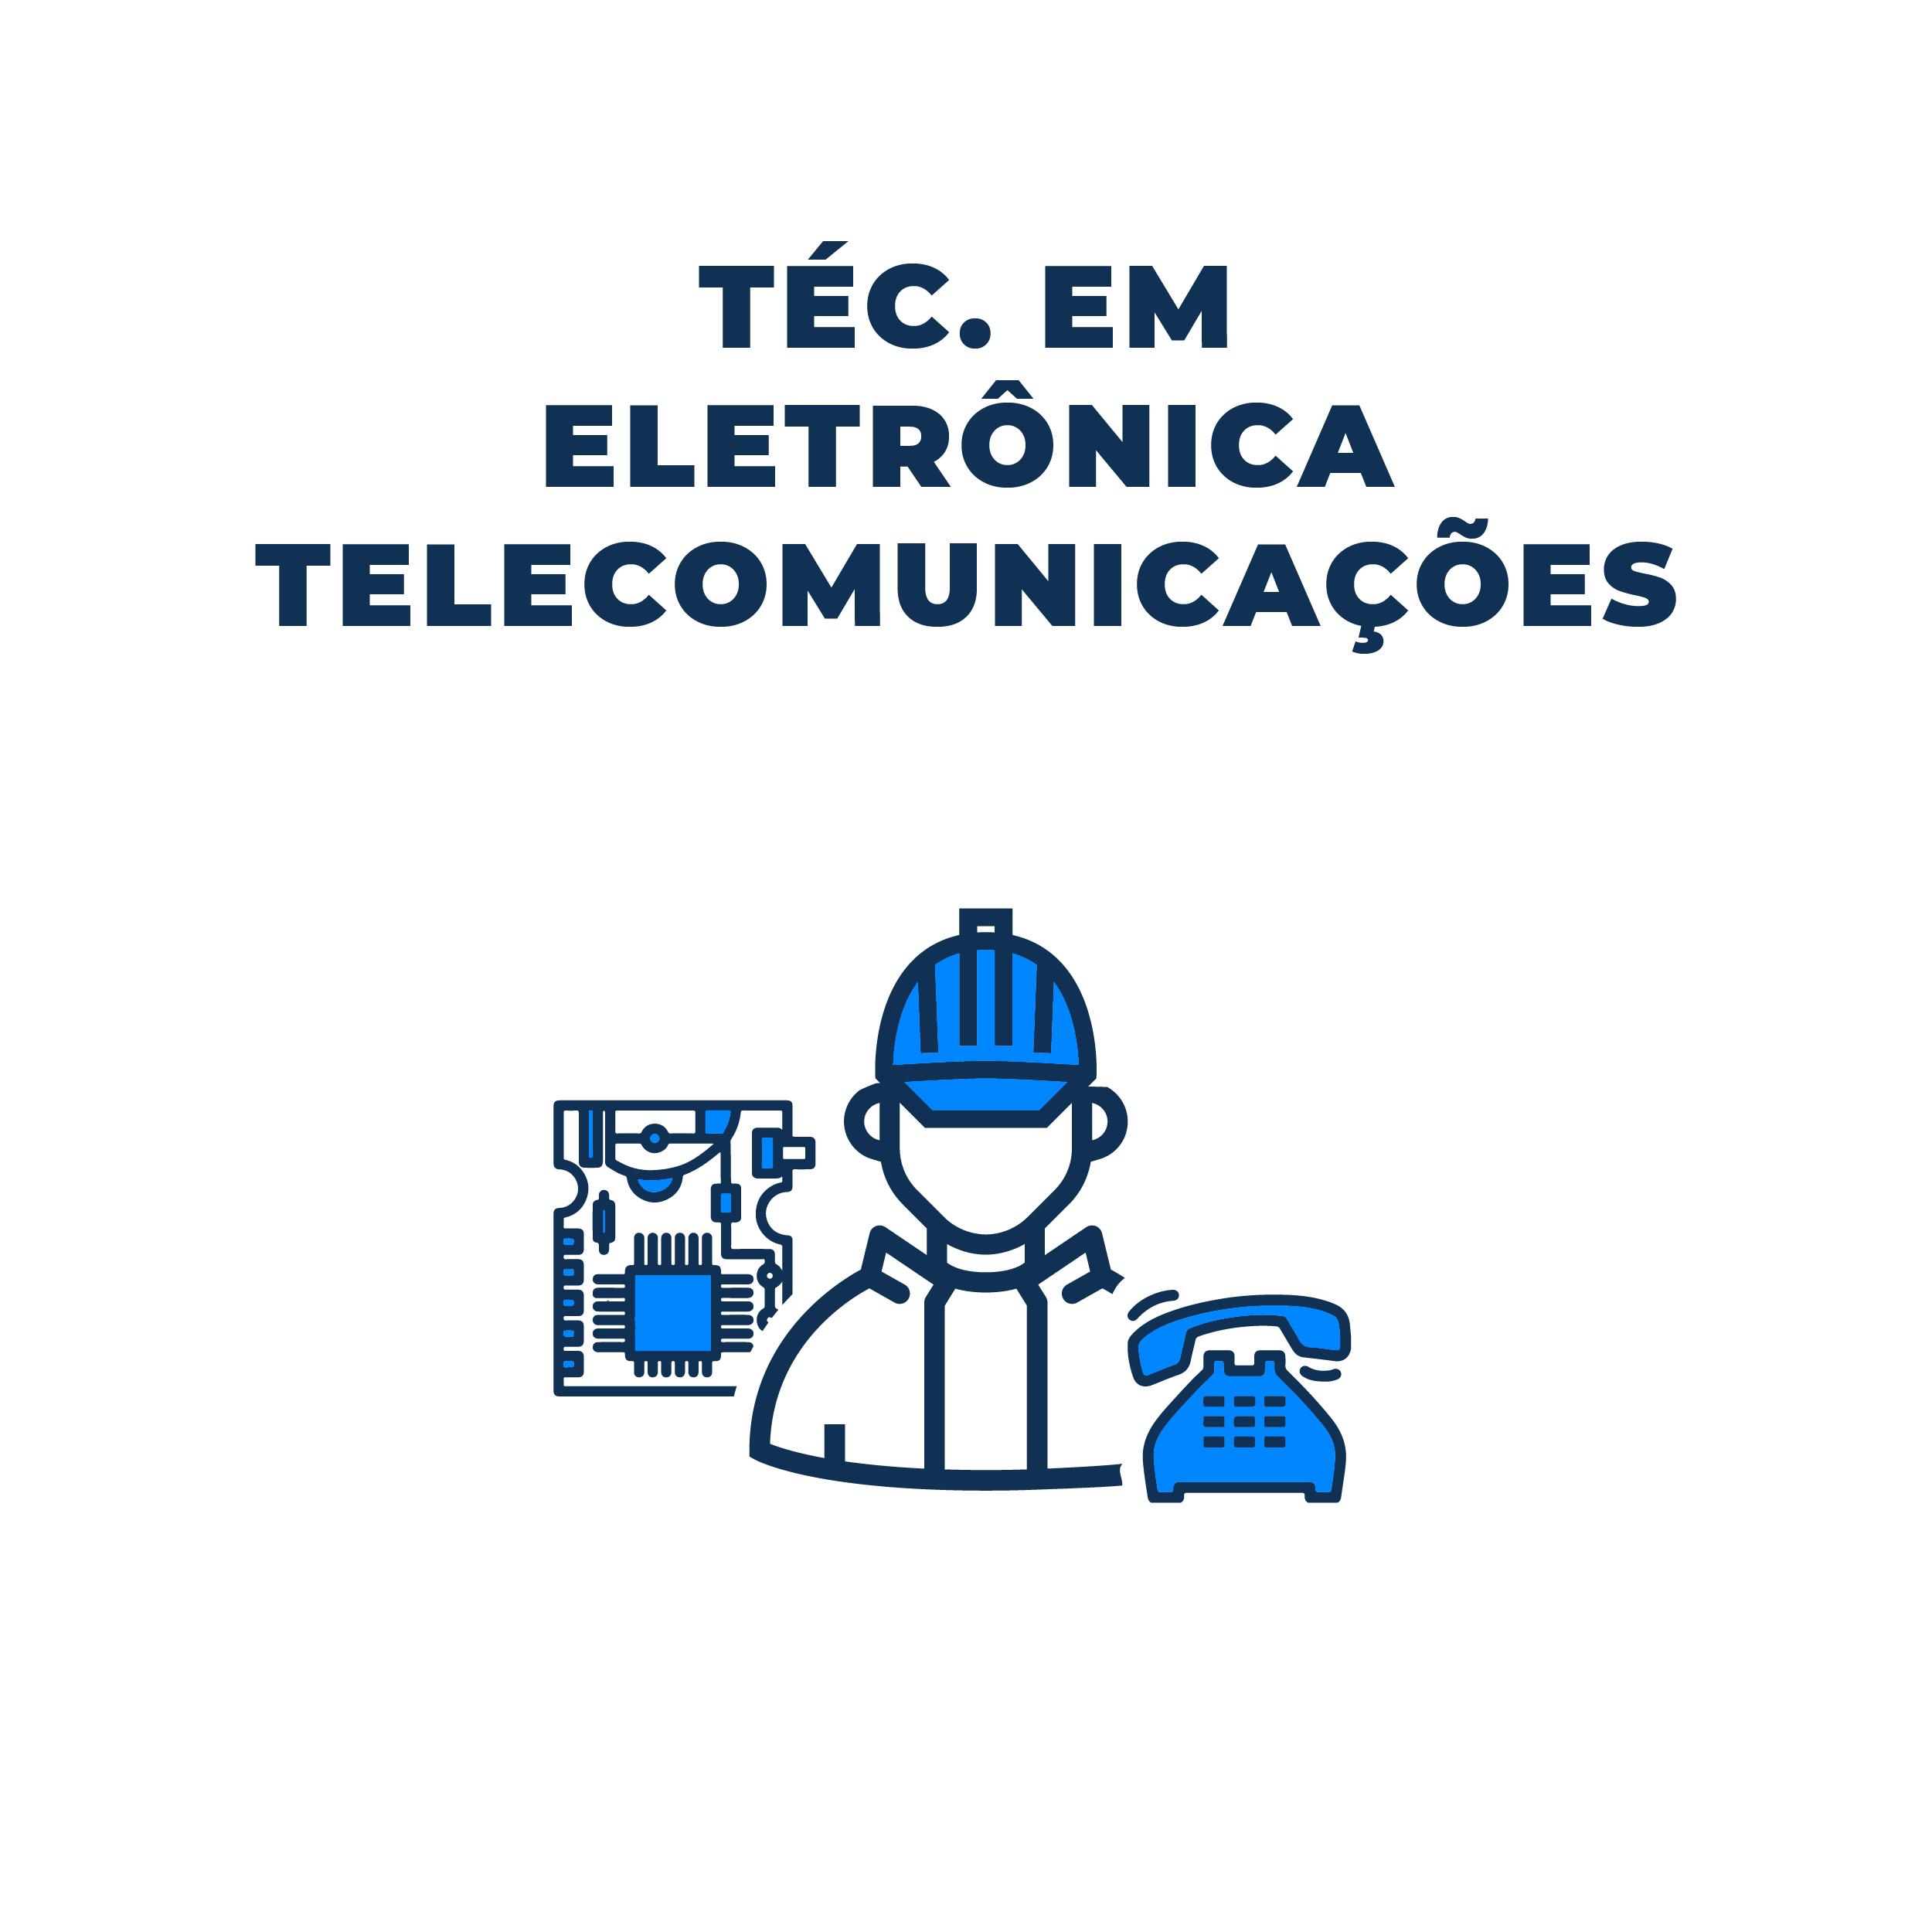 eletronica telecomunicações